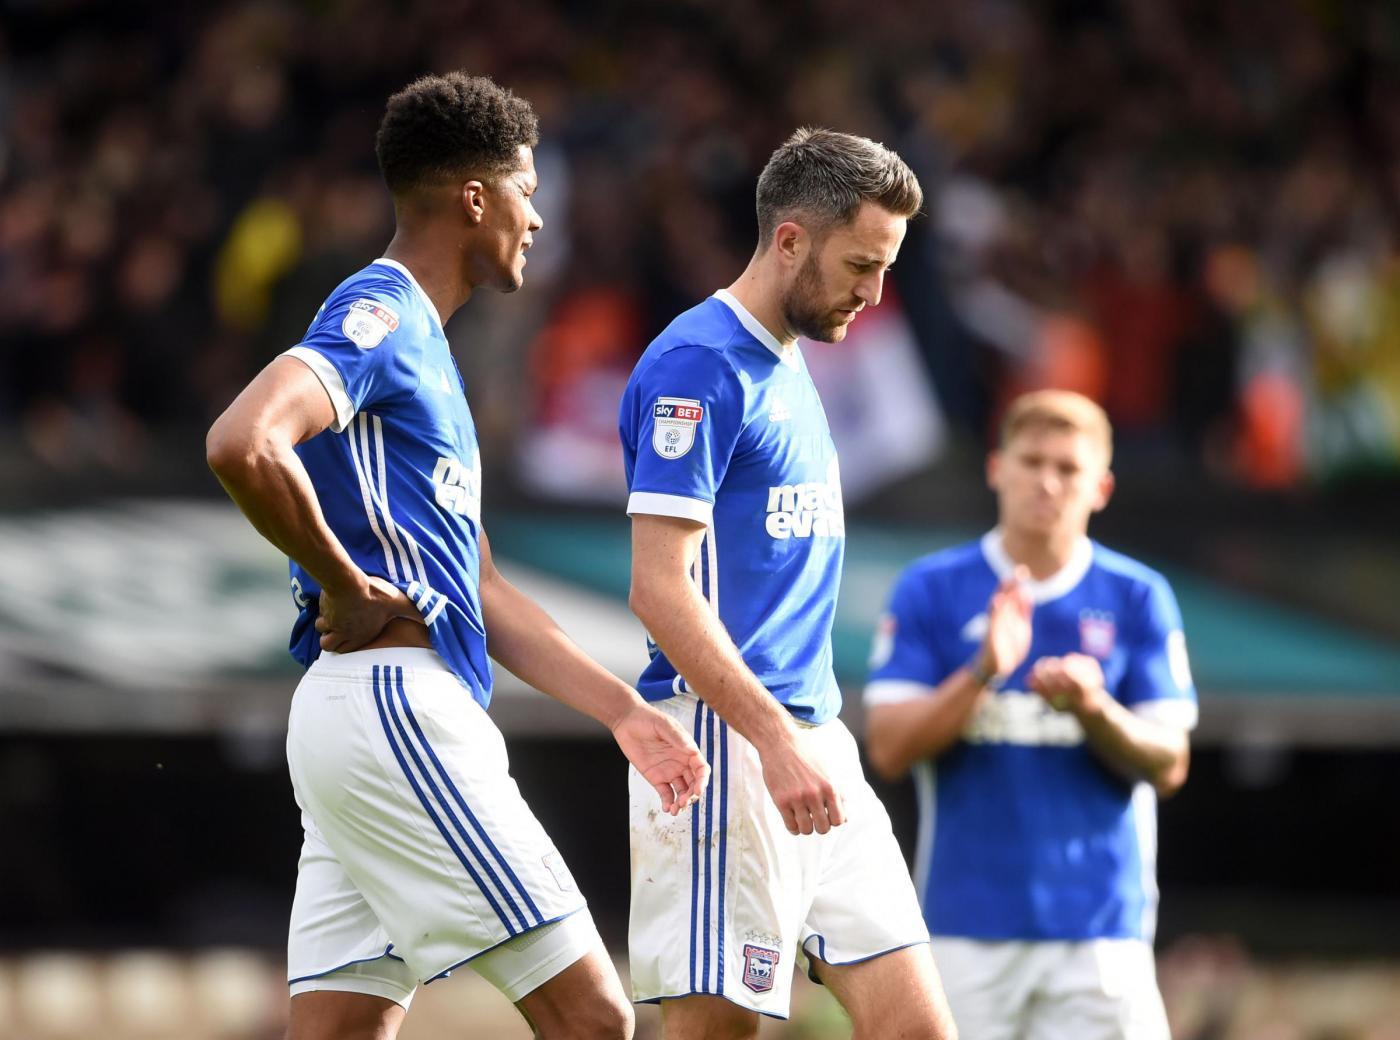 Ipswich-Tottenham Under 21 3 settembre: il pronostico di EFL Trophy